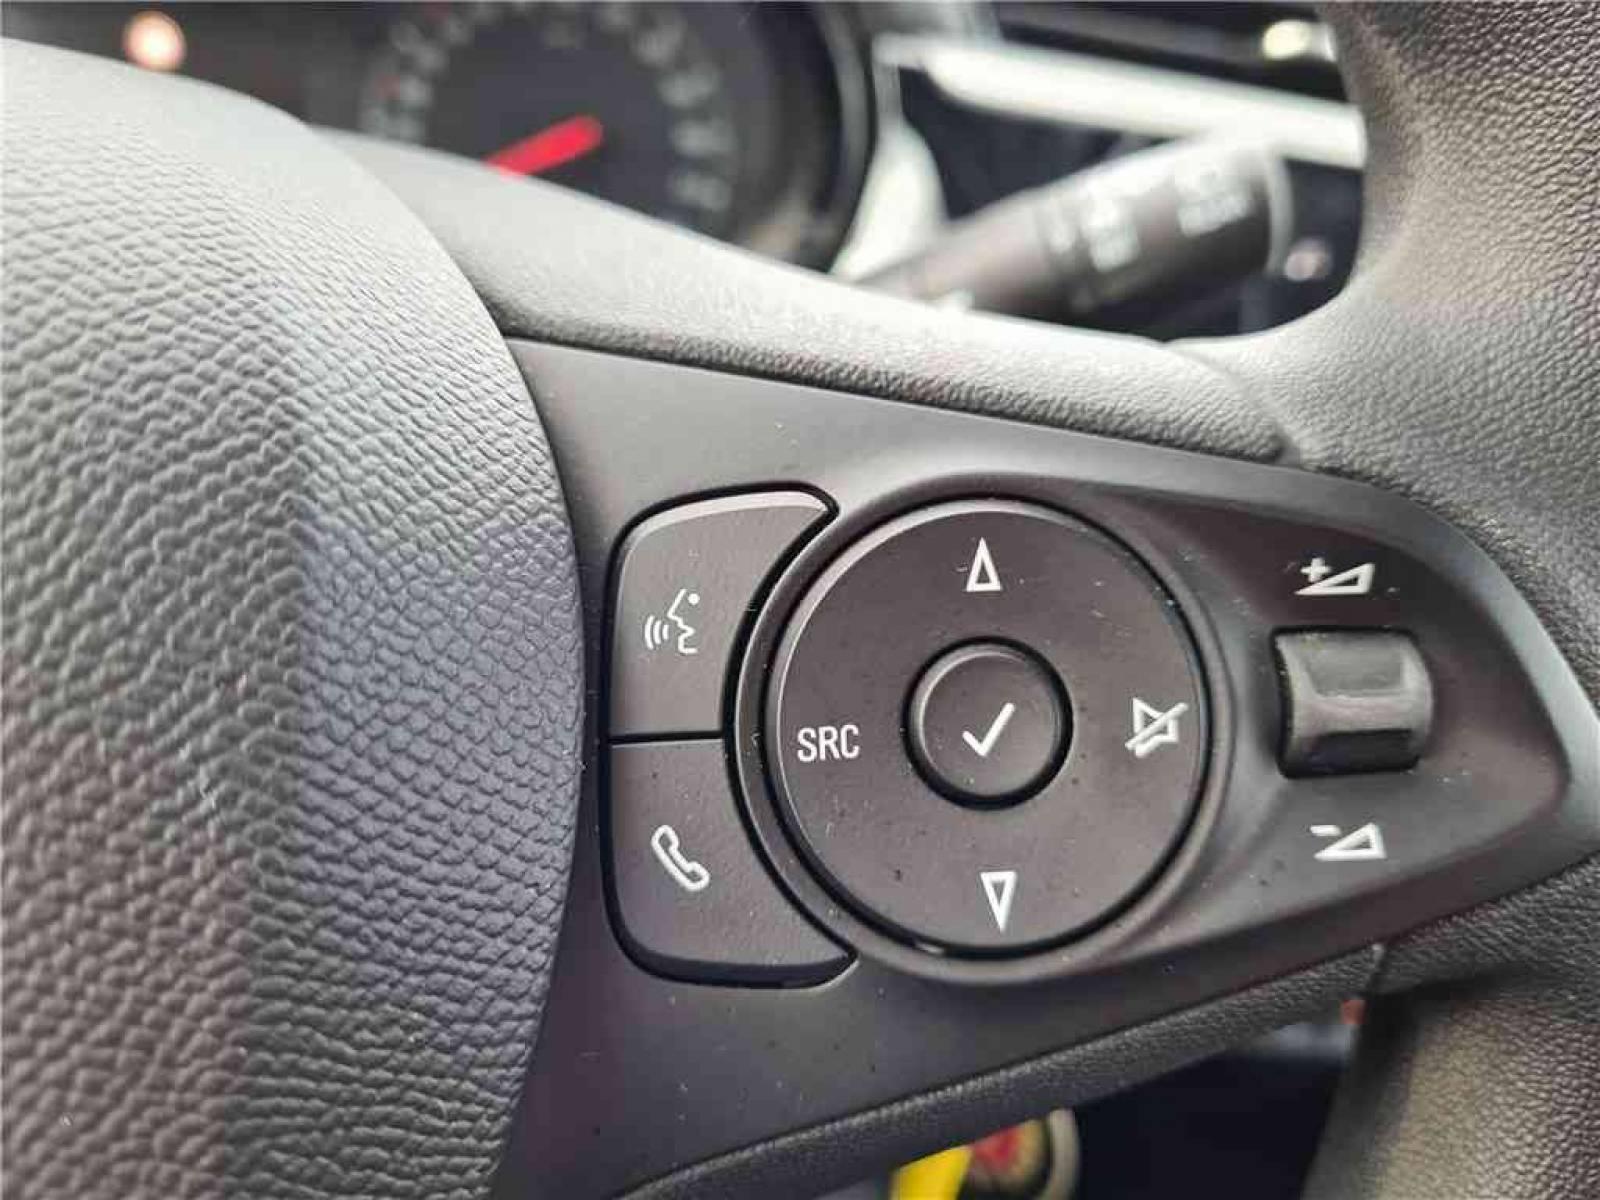 OPEL Corsa 1.5 Diesel 100 ch BVM6 - véhicule d'occasion - Groupe Guillet - Opel Magicauto - Chalon-sur-Saône - 71380 - Saint-Marcel - 38